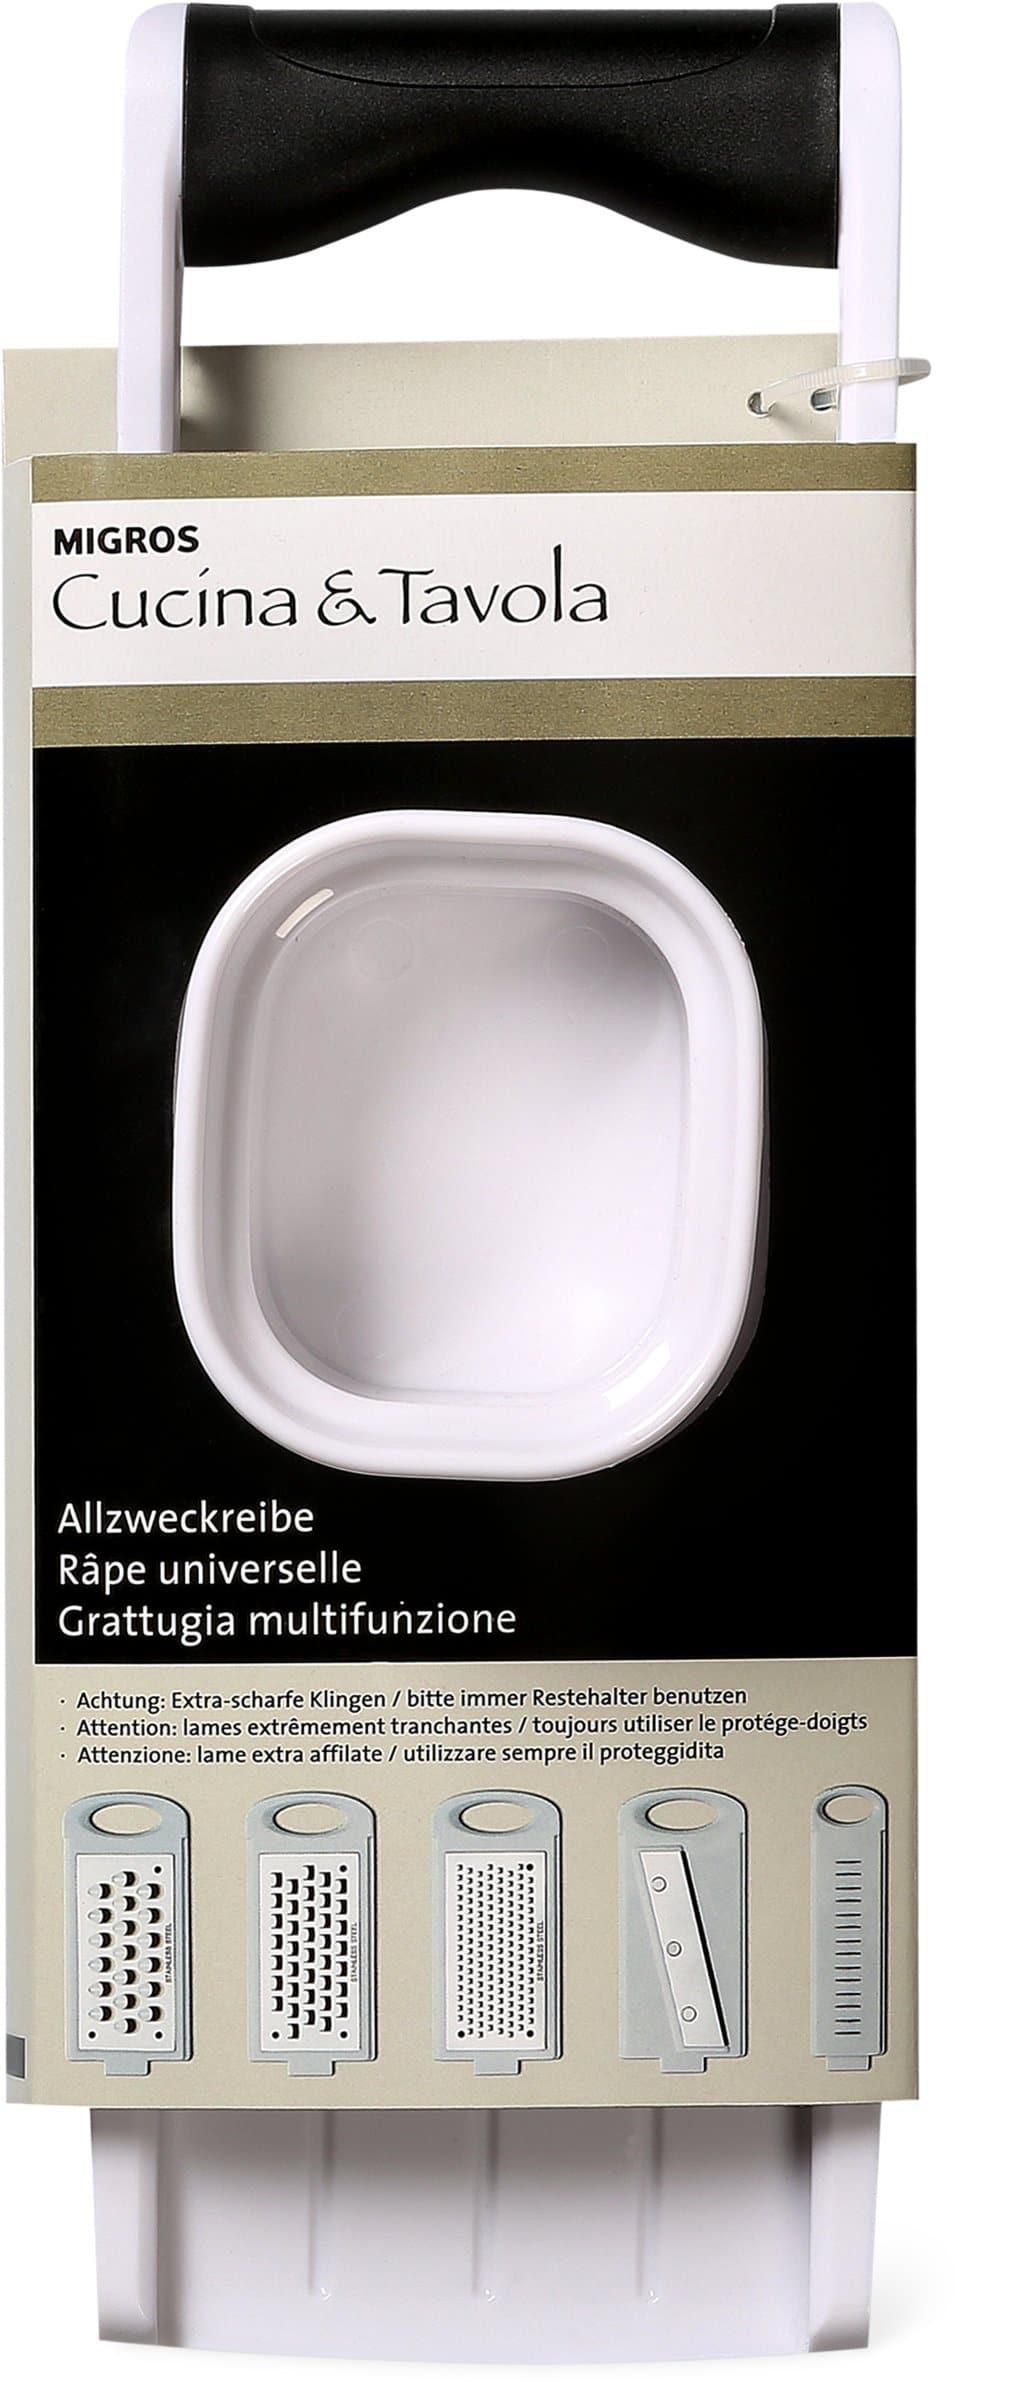 Cucina & Tavola Grattugia multifunzione